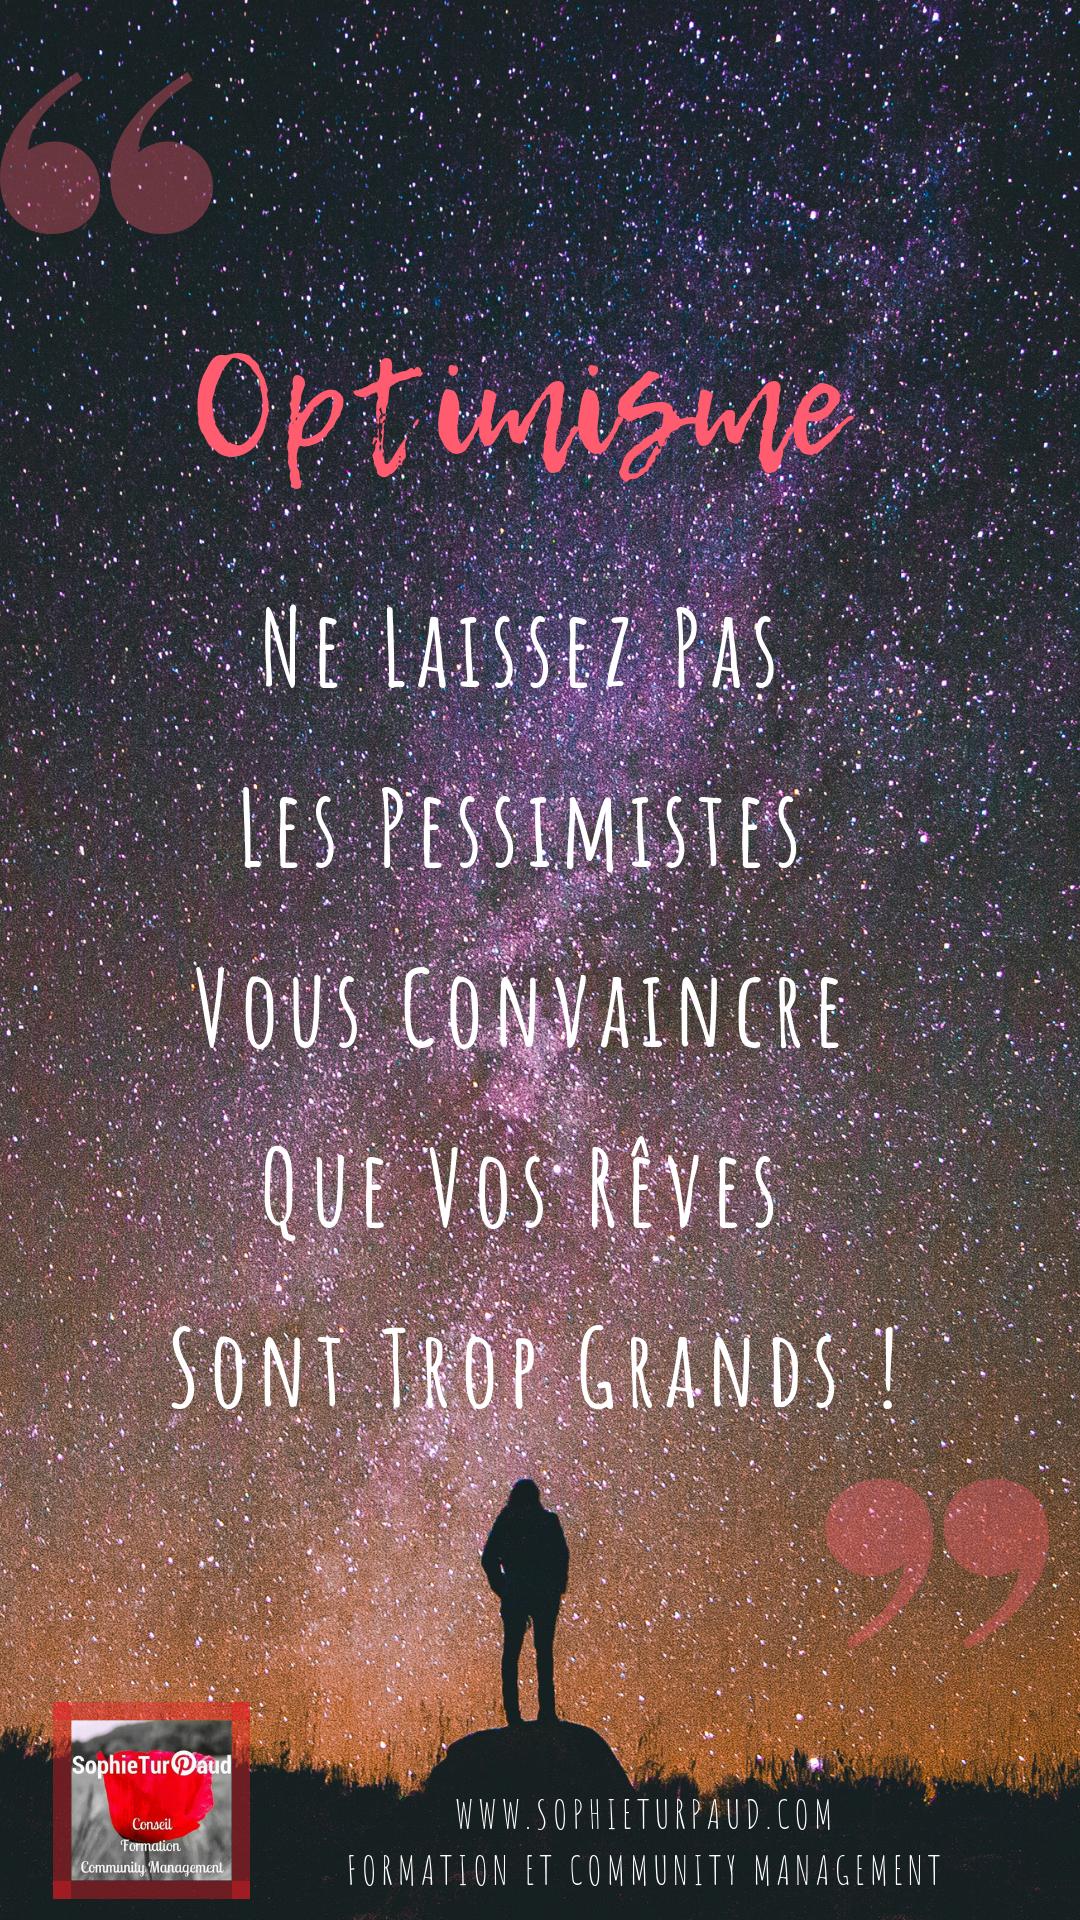 Optimisme _ Ne Laissez Pas Les Pessimistes Vous Convaincre Que Vos Rêves Sont Trop Grands ! #citation via @sophieturpaud